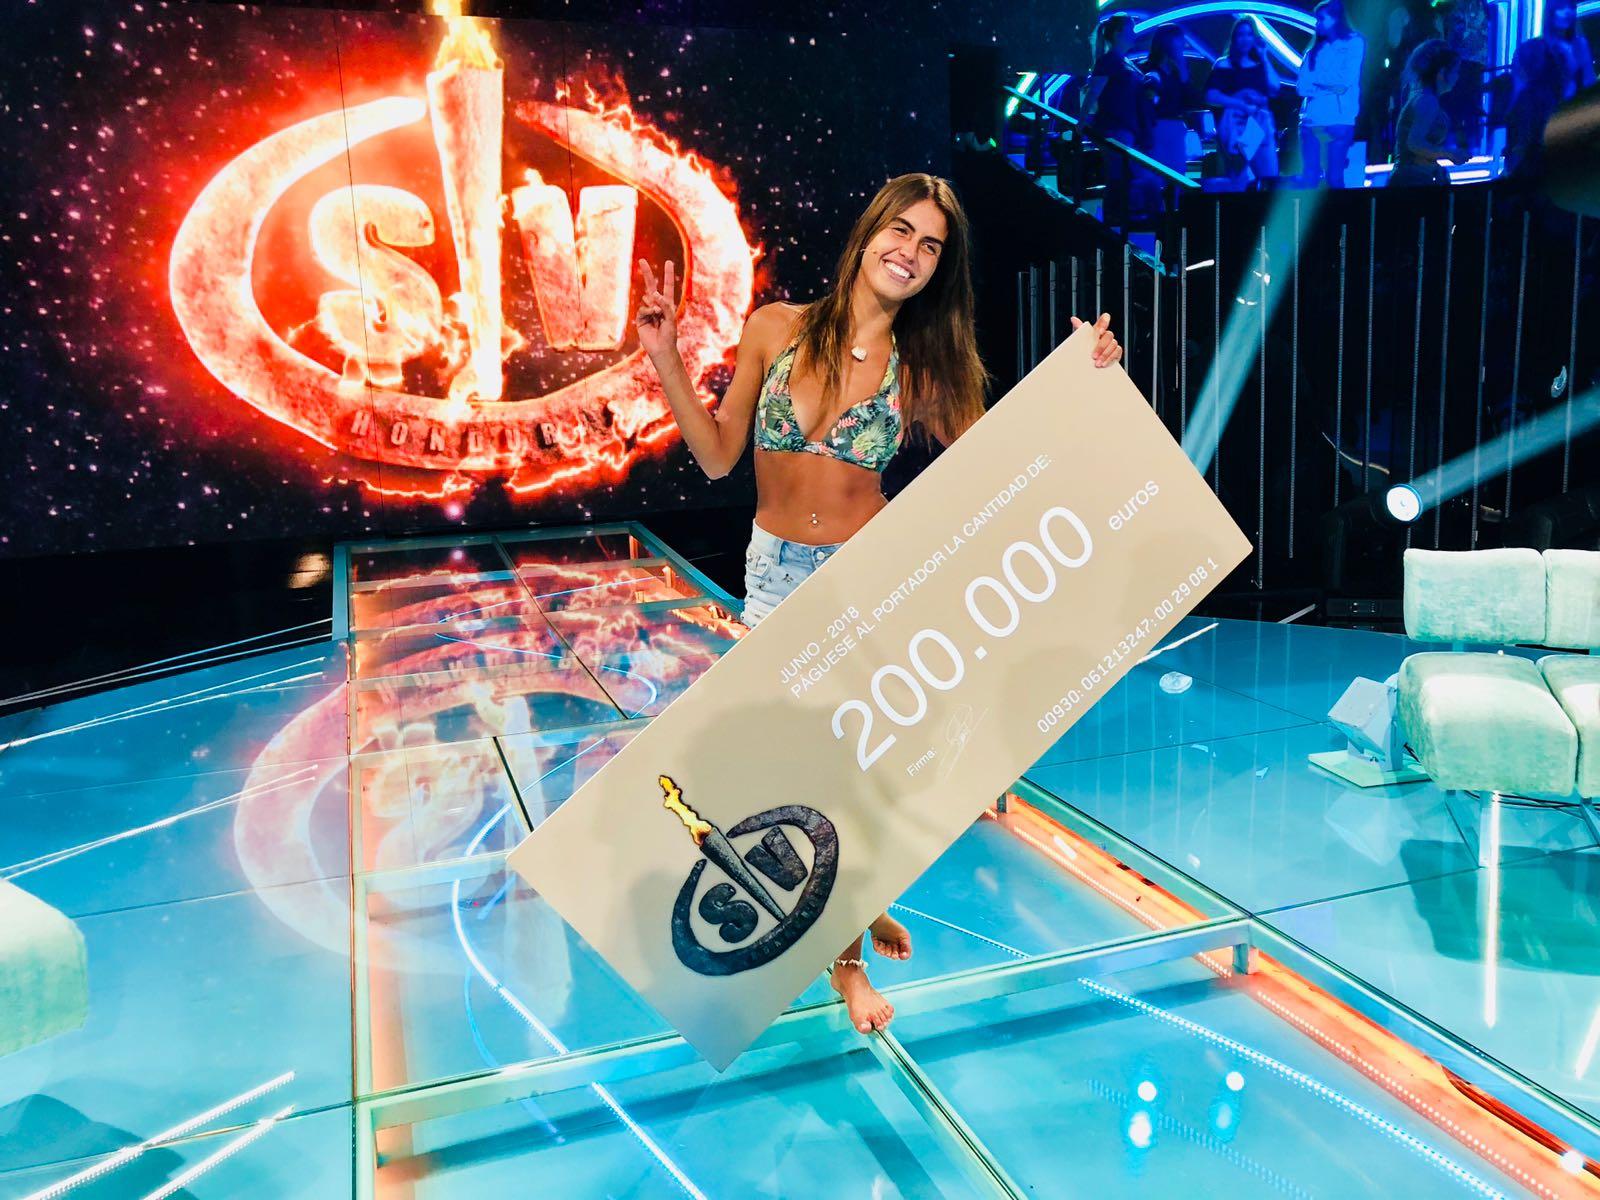 asi-de-feliz-posa-con-su-premio-de-200-000-euros-no-es-para-menos